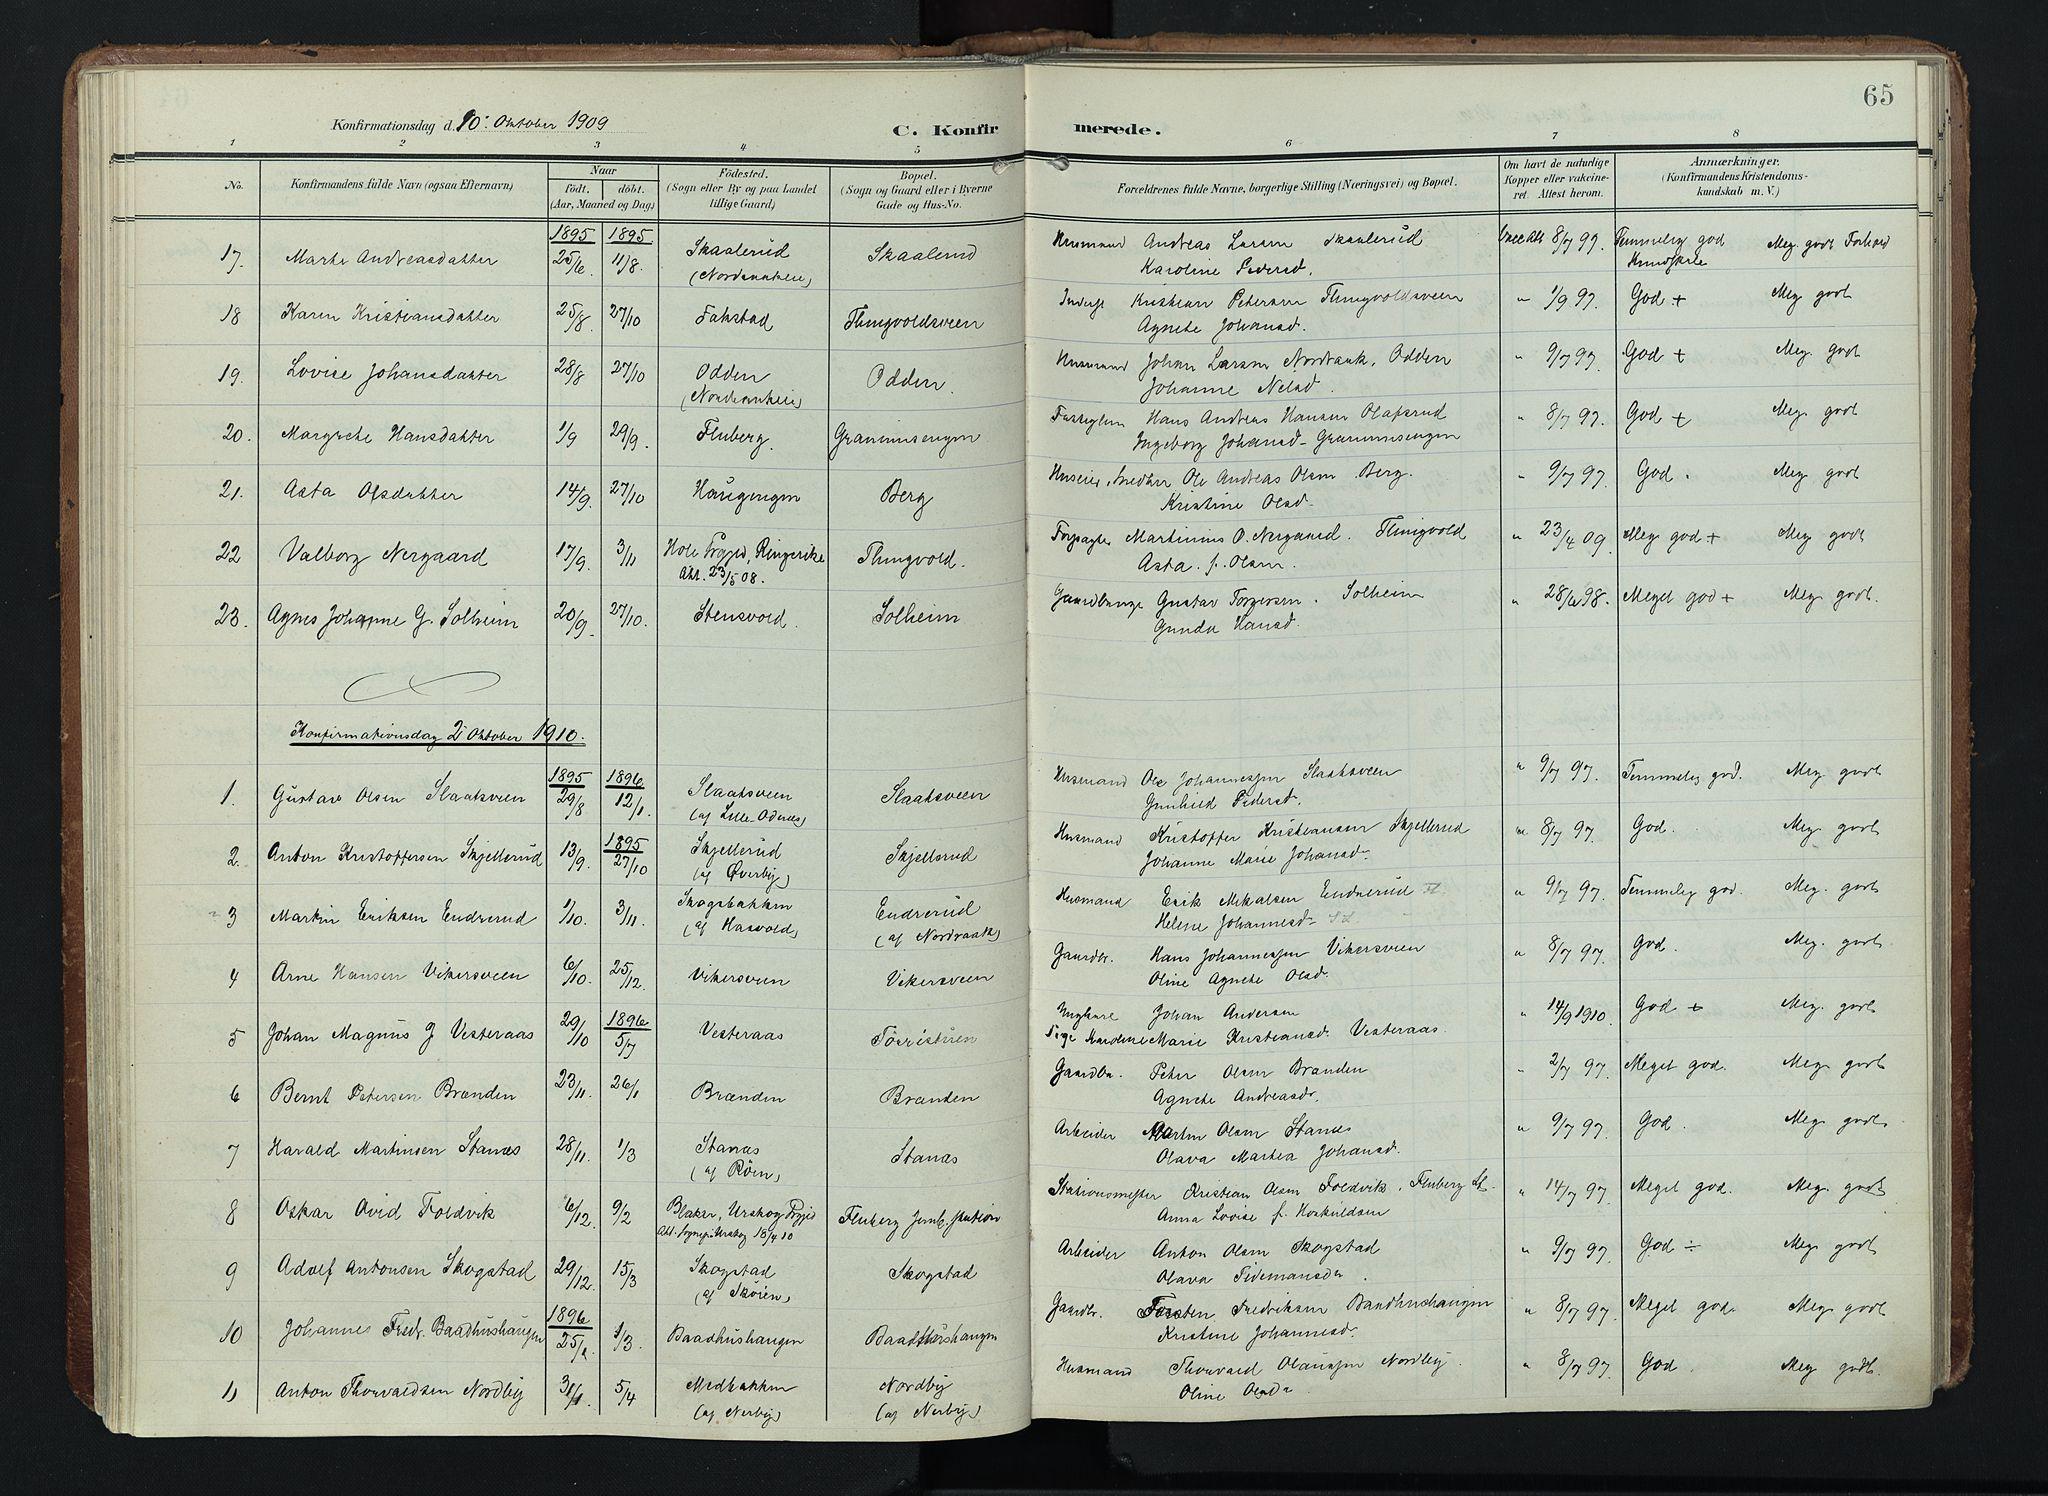 SAH, Søndre Land prestekontor, K/L0005: Ministerialbok nr. 5, 1905-1914, s. 65